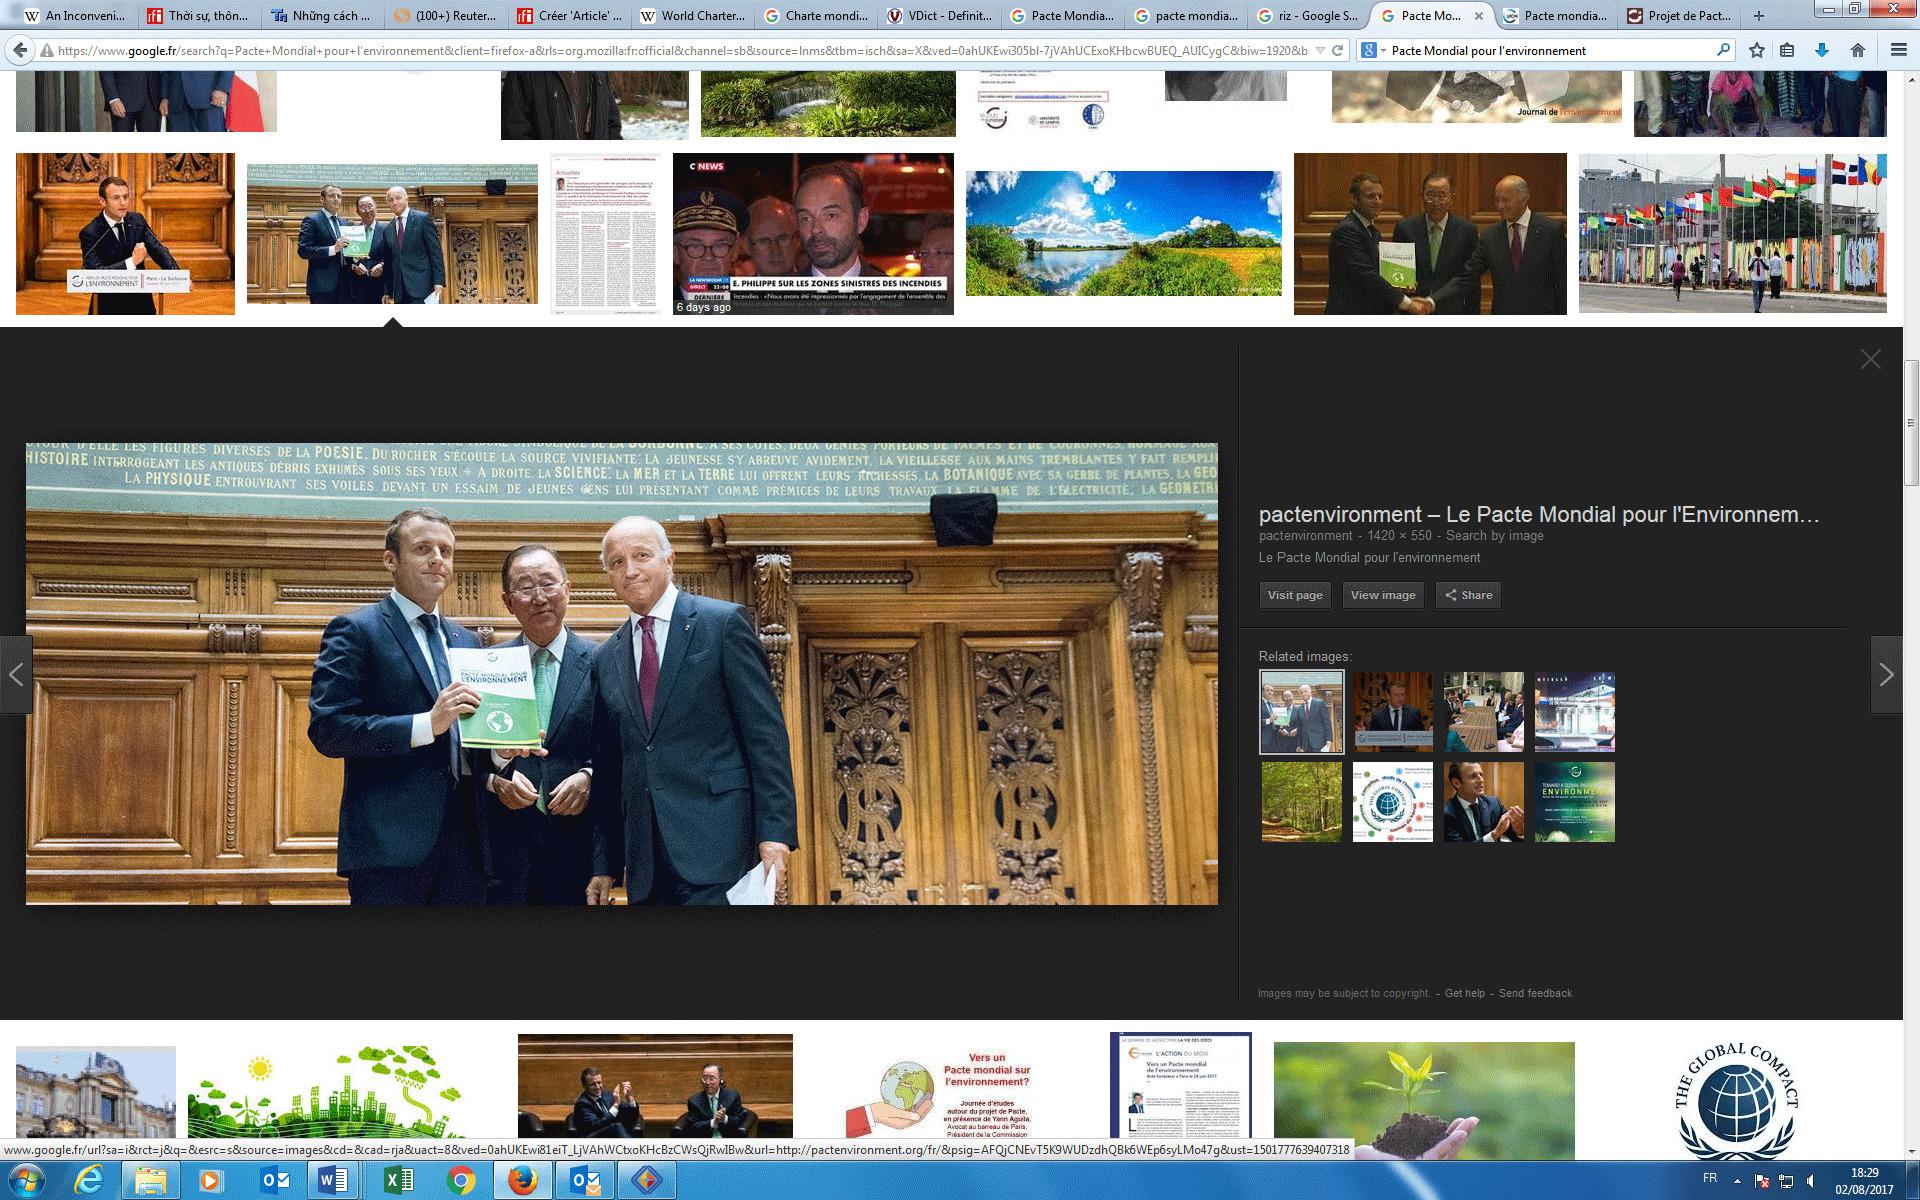 Buổi công bố chính thức dự thảo Công Ước Môi Trường Toàn Cầu tại Đại học Sorbonne, Paris, ngày 24/06/2017. Từ trái qua phải, tổng thống Pháp Emmanuel Macron, nguyên tổng thư ký LHQ Ban Ki-Moon, chủ tịch Hội Đồng Bảo Hiến Pháp Laurent Fabius.